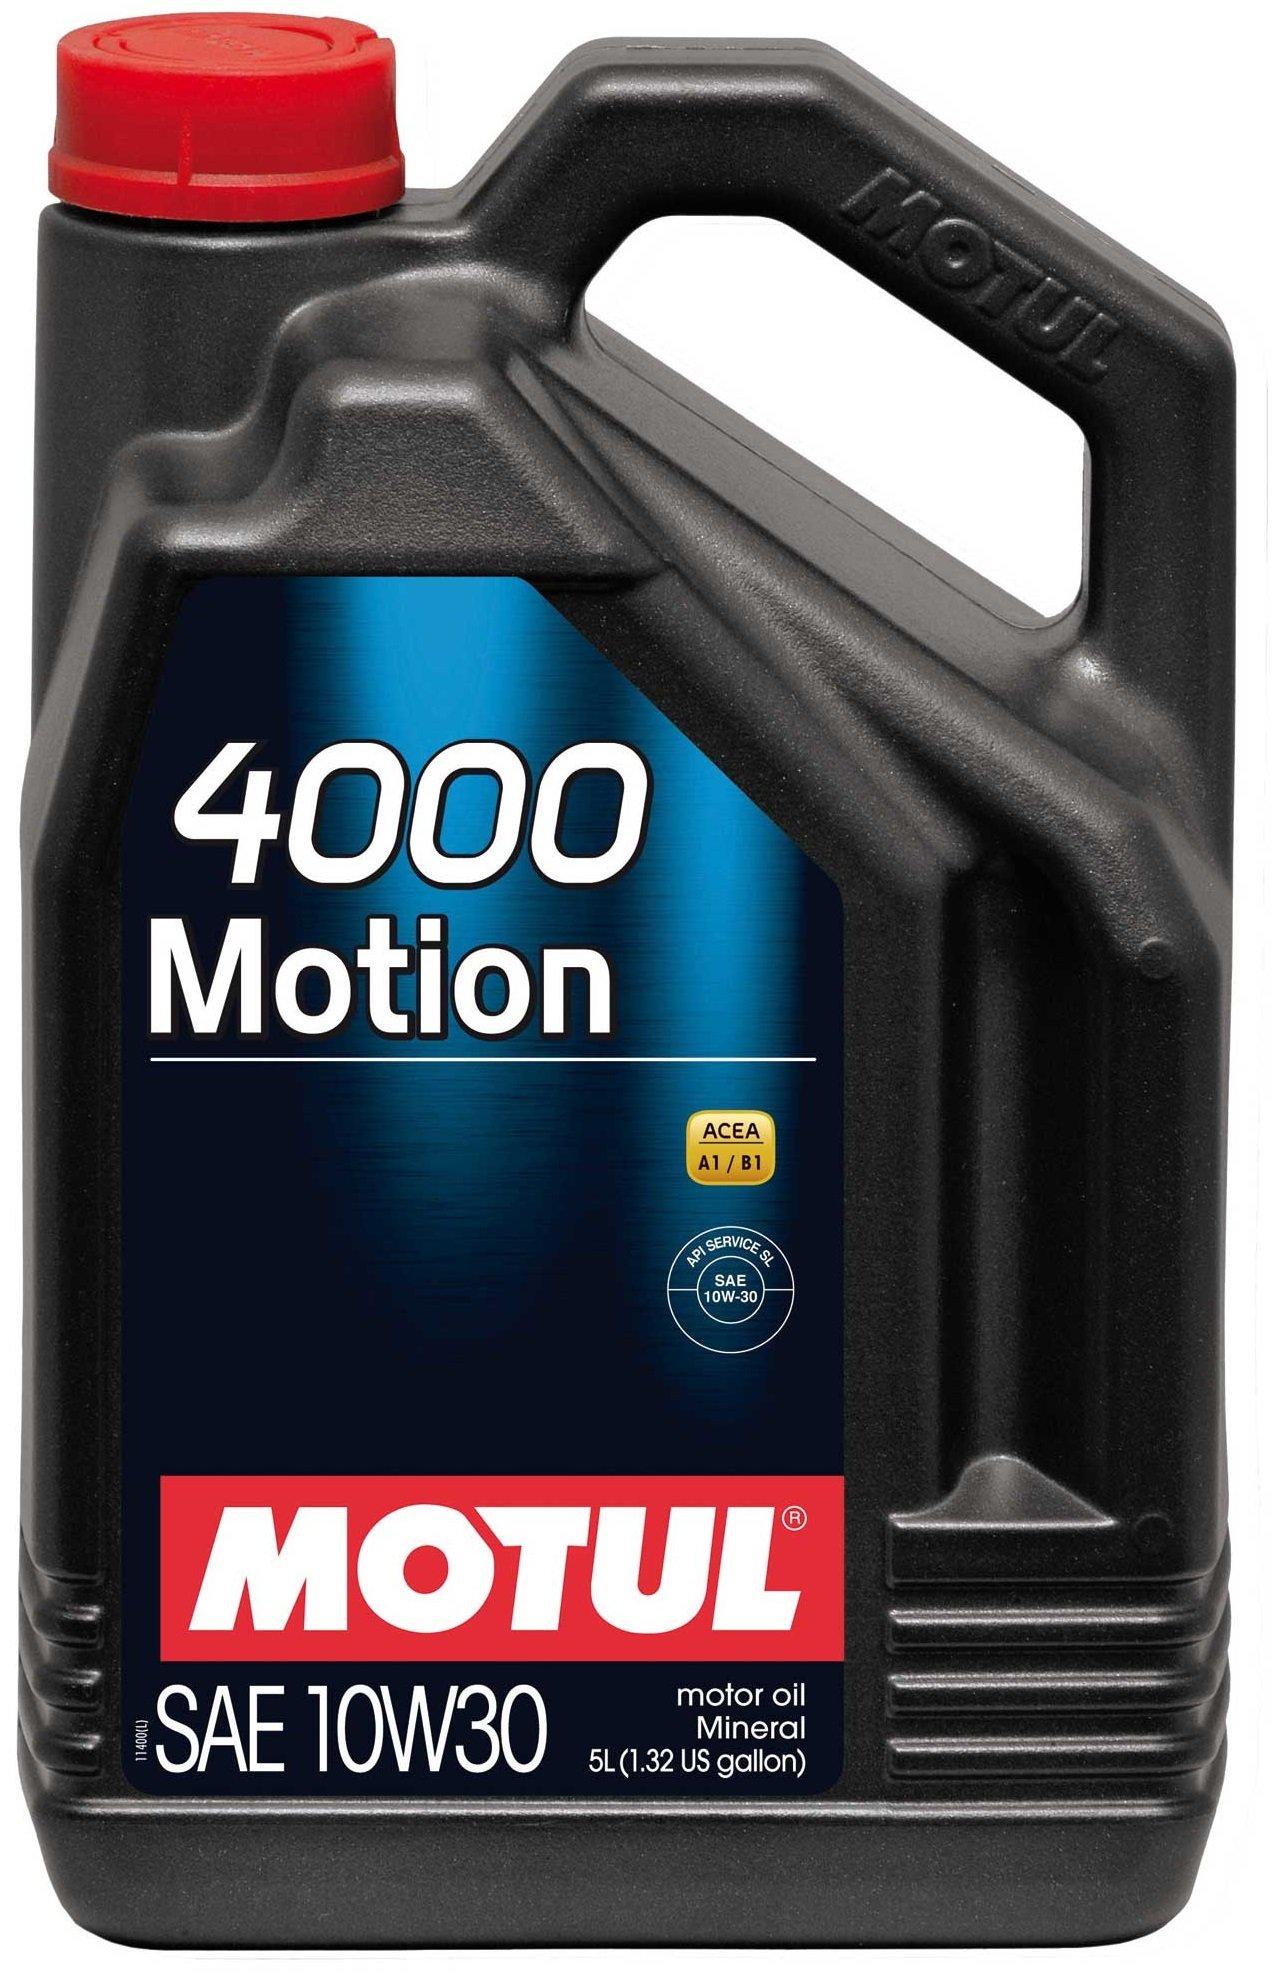 Moottoriöljy MOTUL 4000 MOTION 10W30 5L